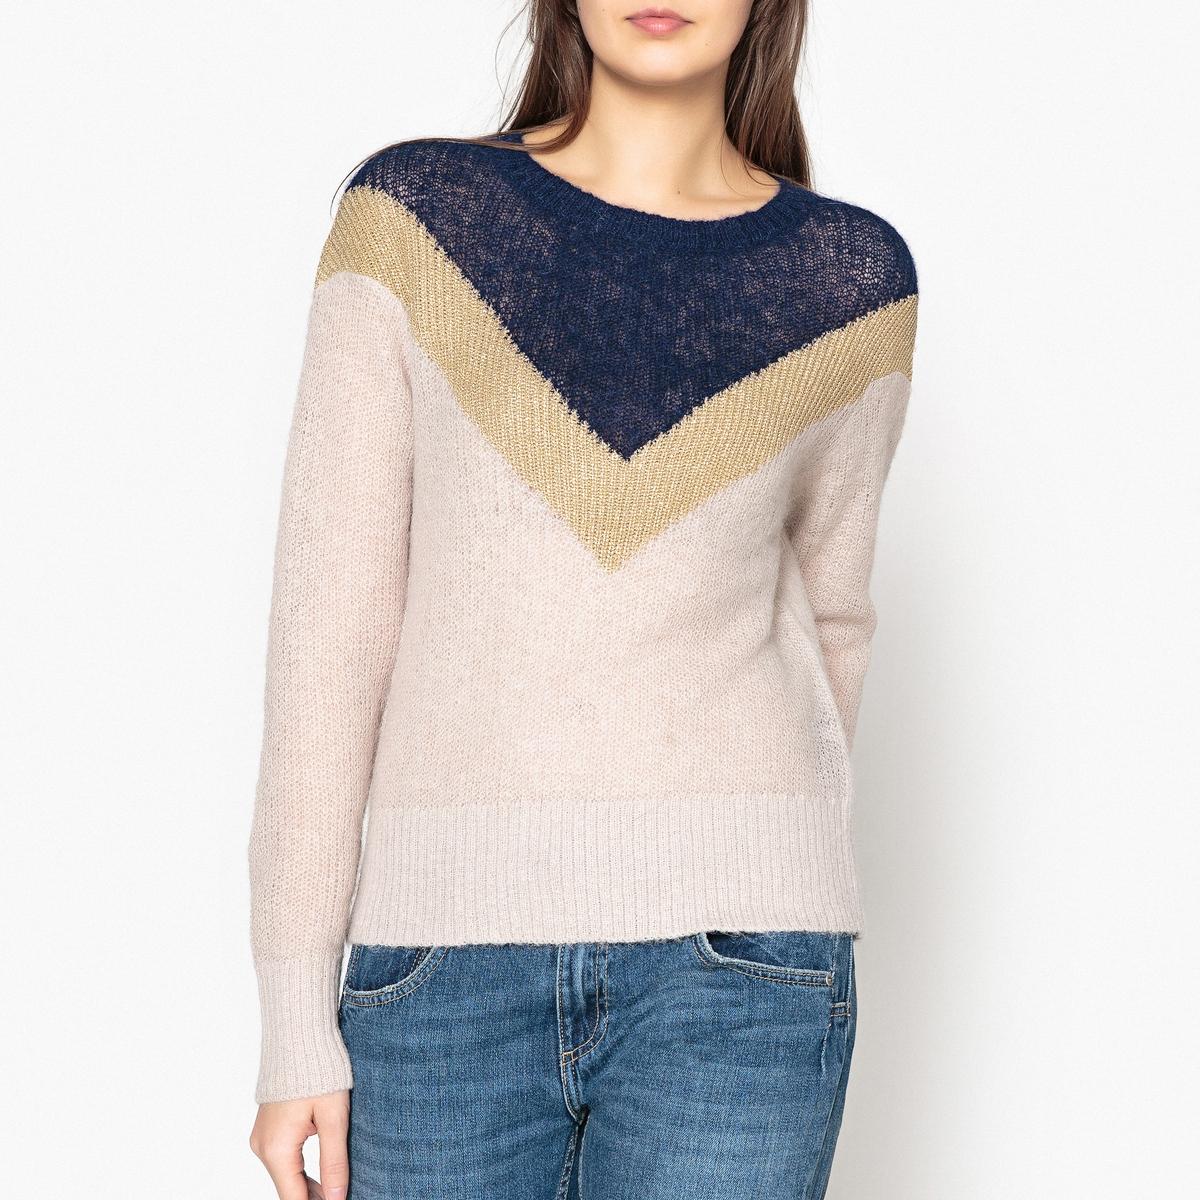 Пуловер из тонкого трикотажа с блестящей полосой MUSA YOKE v notch geo yoke smock top